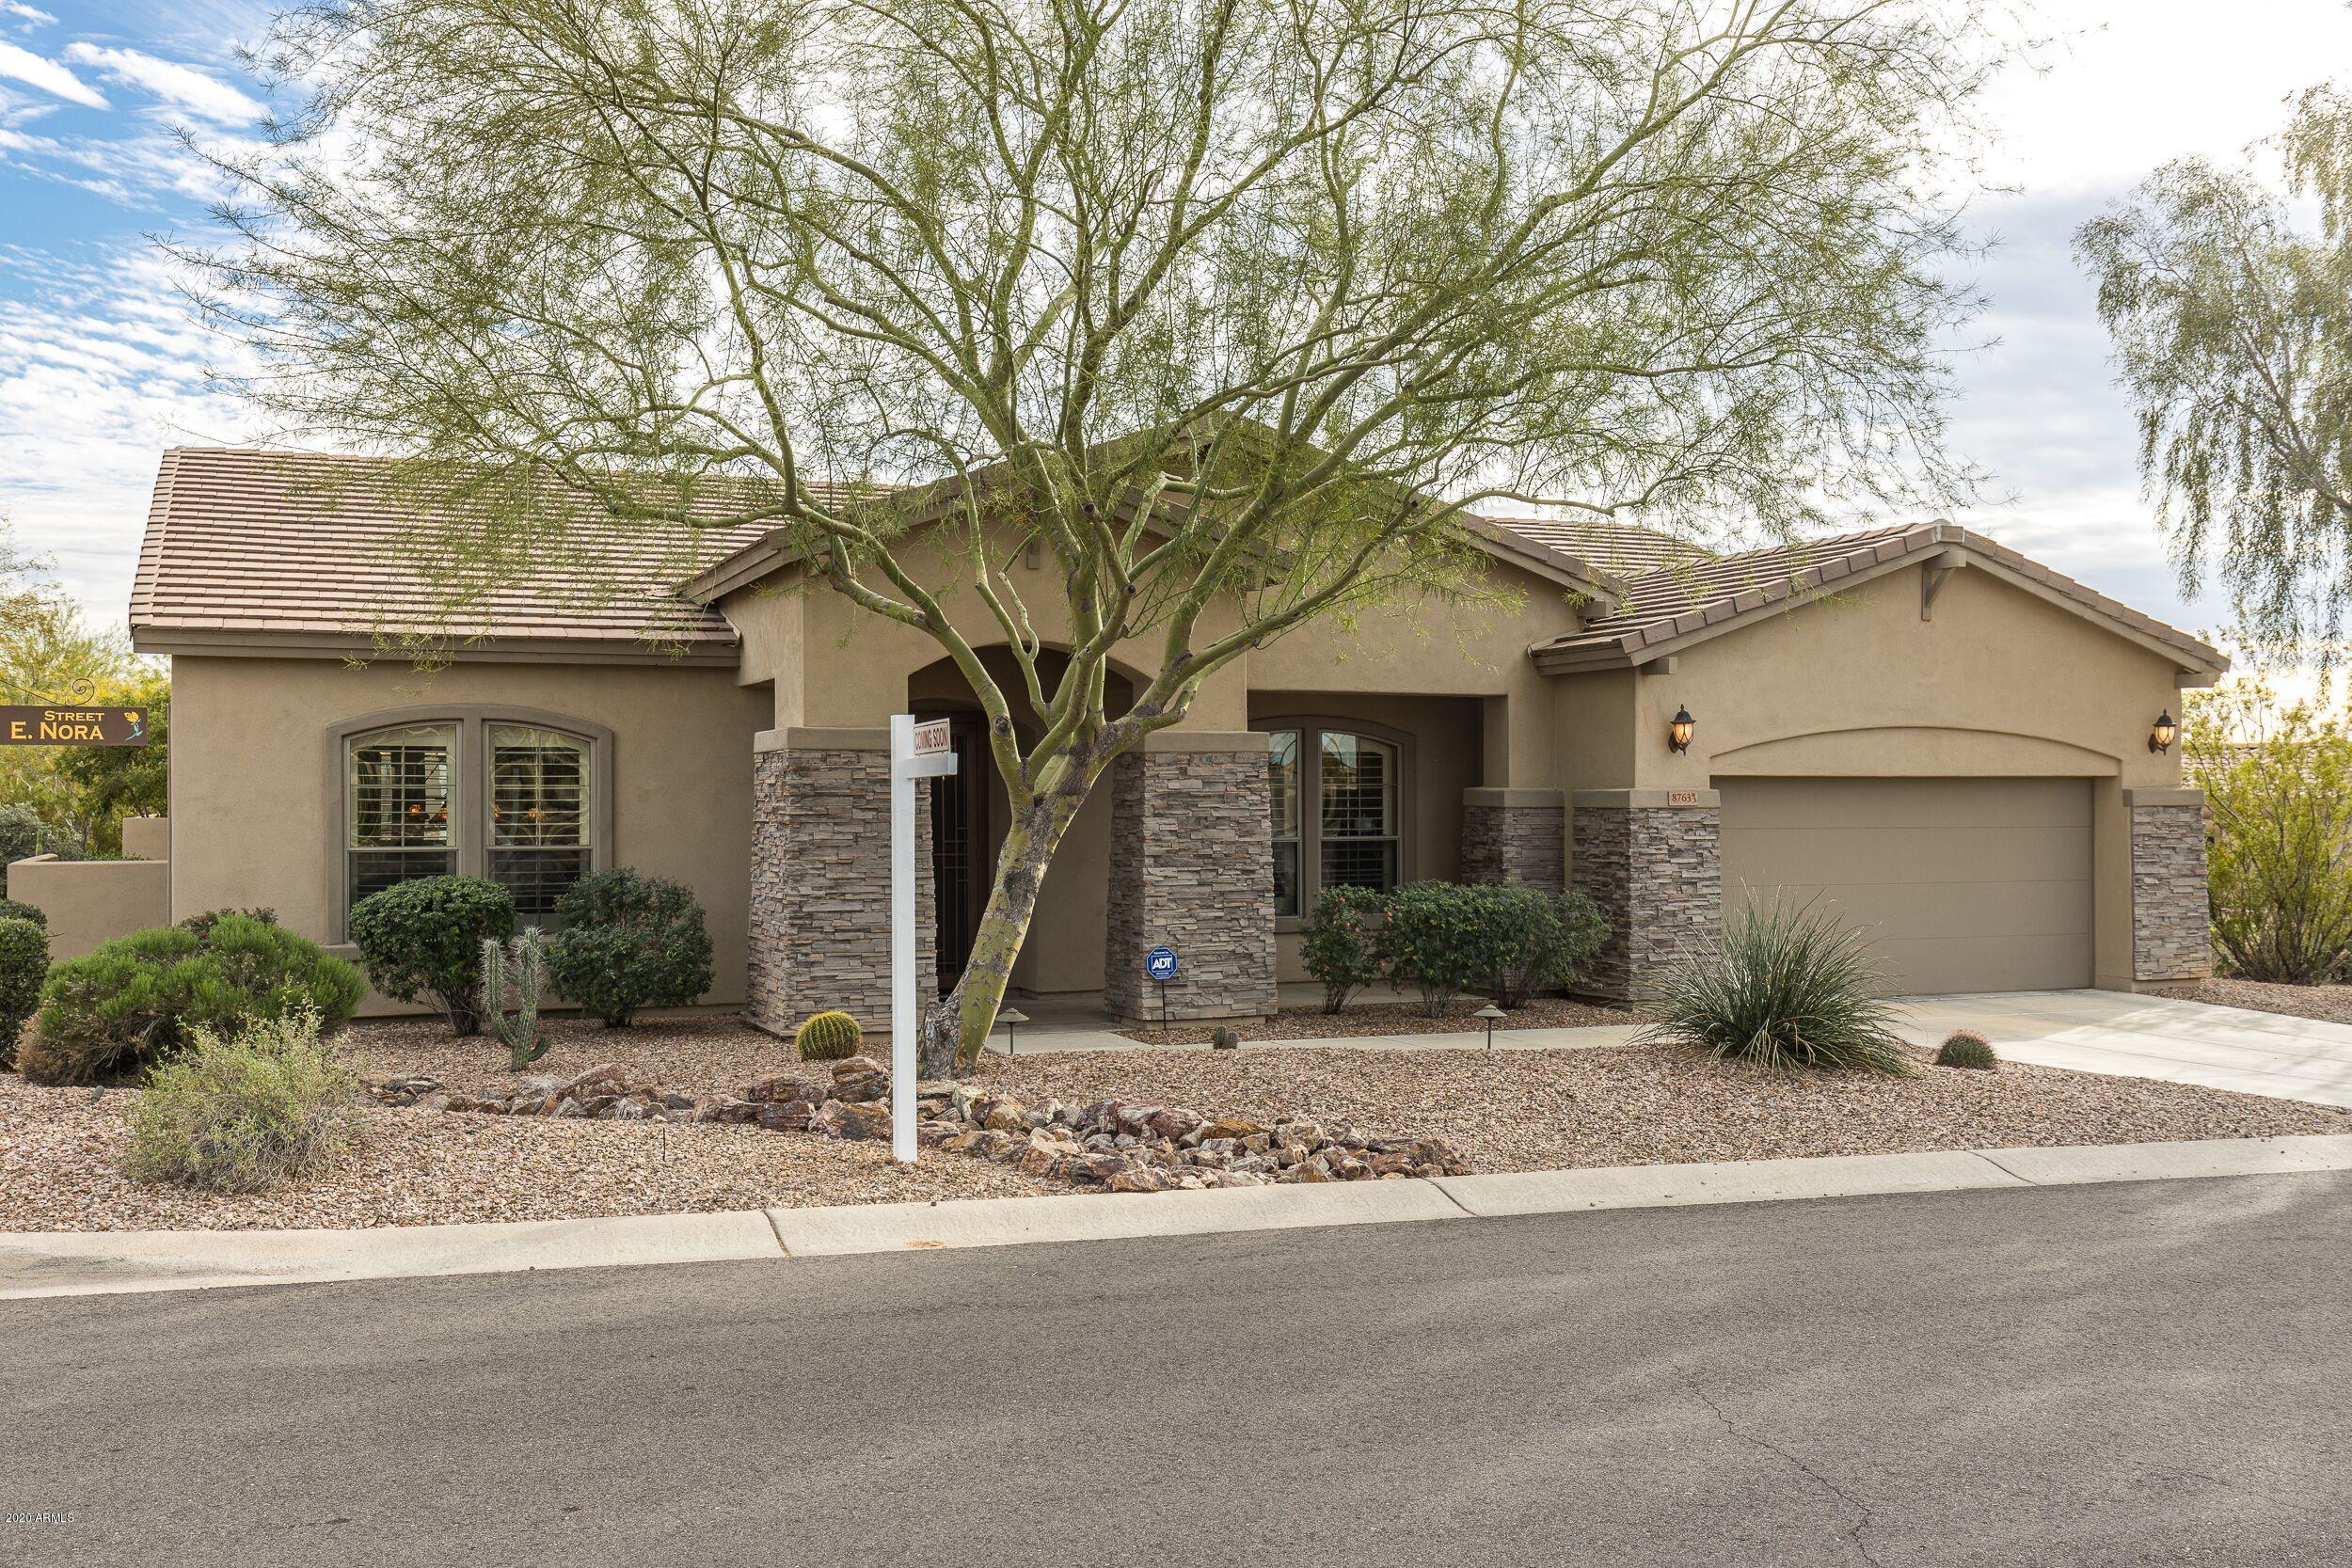 Photo of 8763 E NORA Street, Mesa, AZ 85207